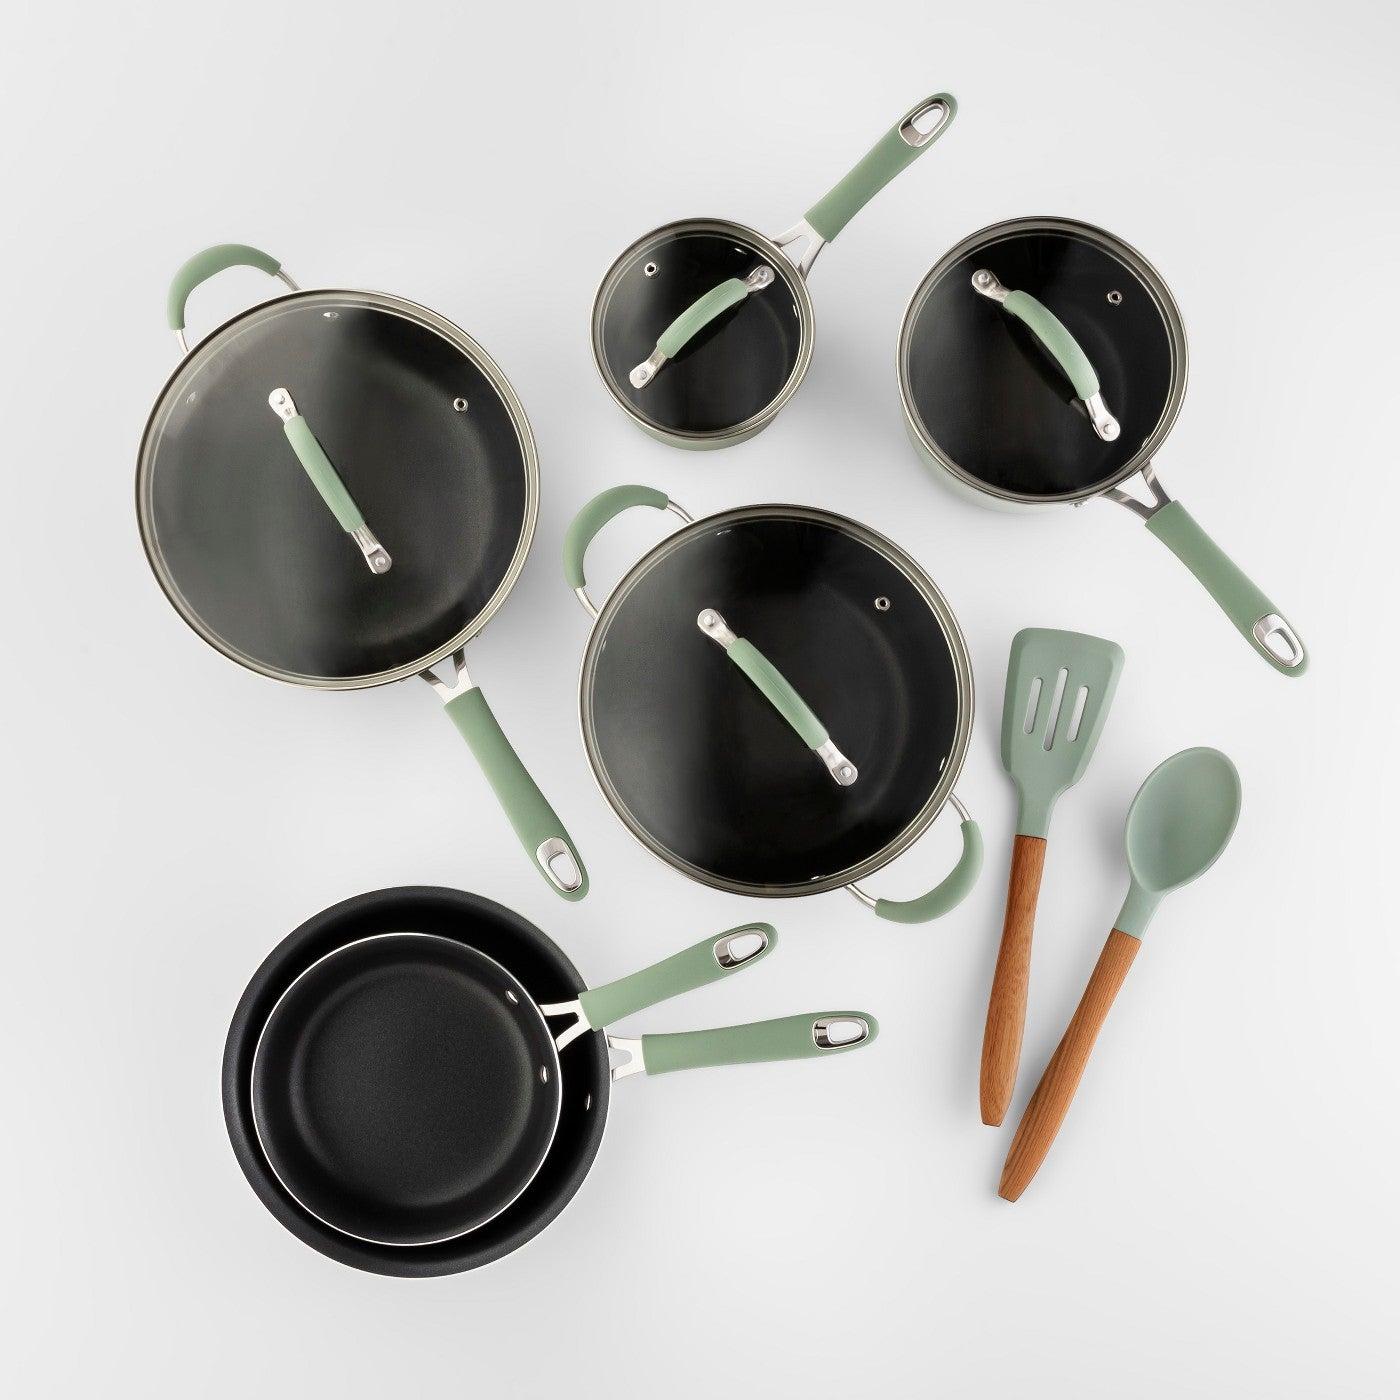 green cookware set